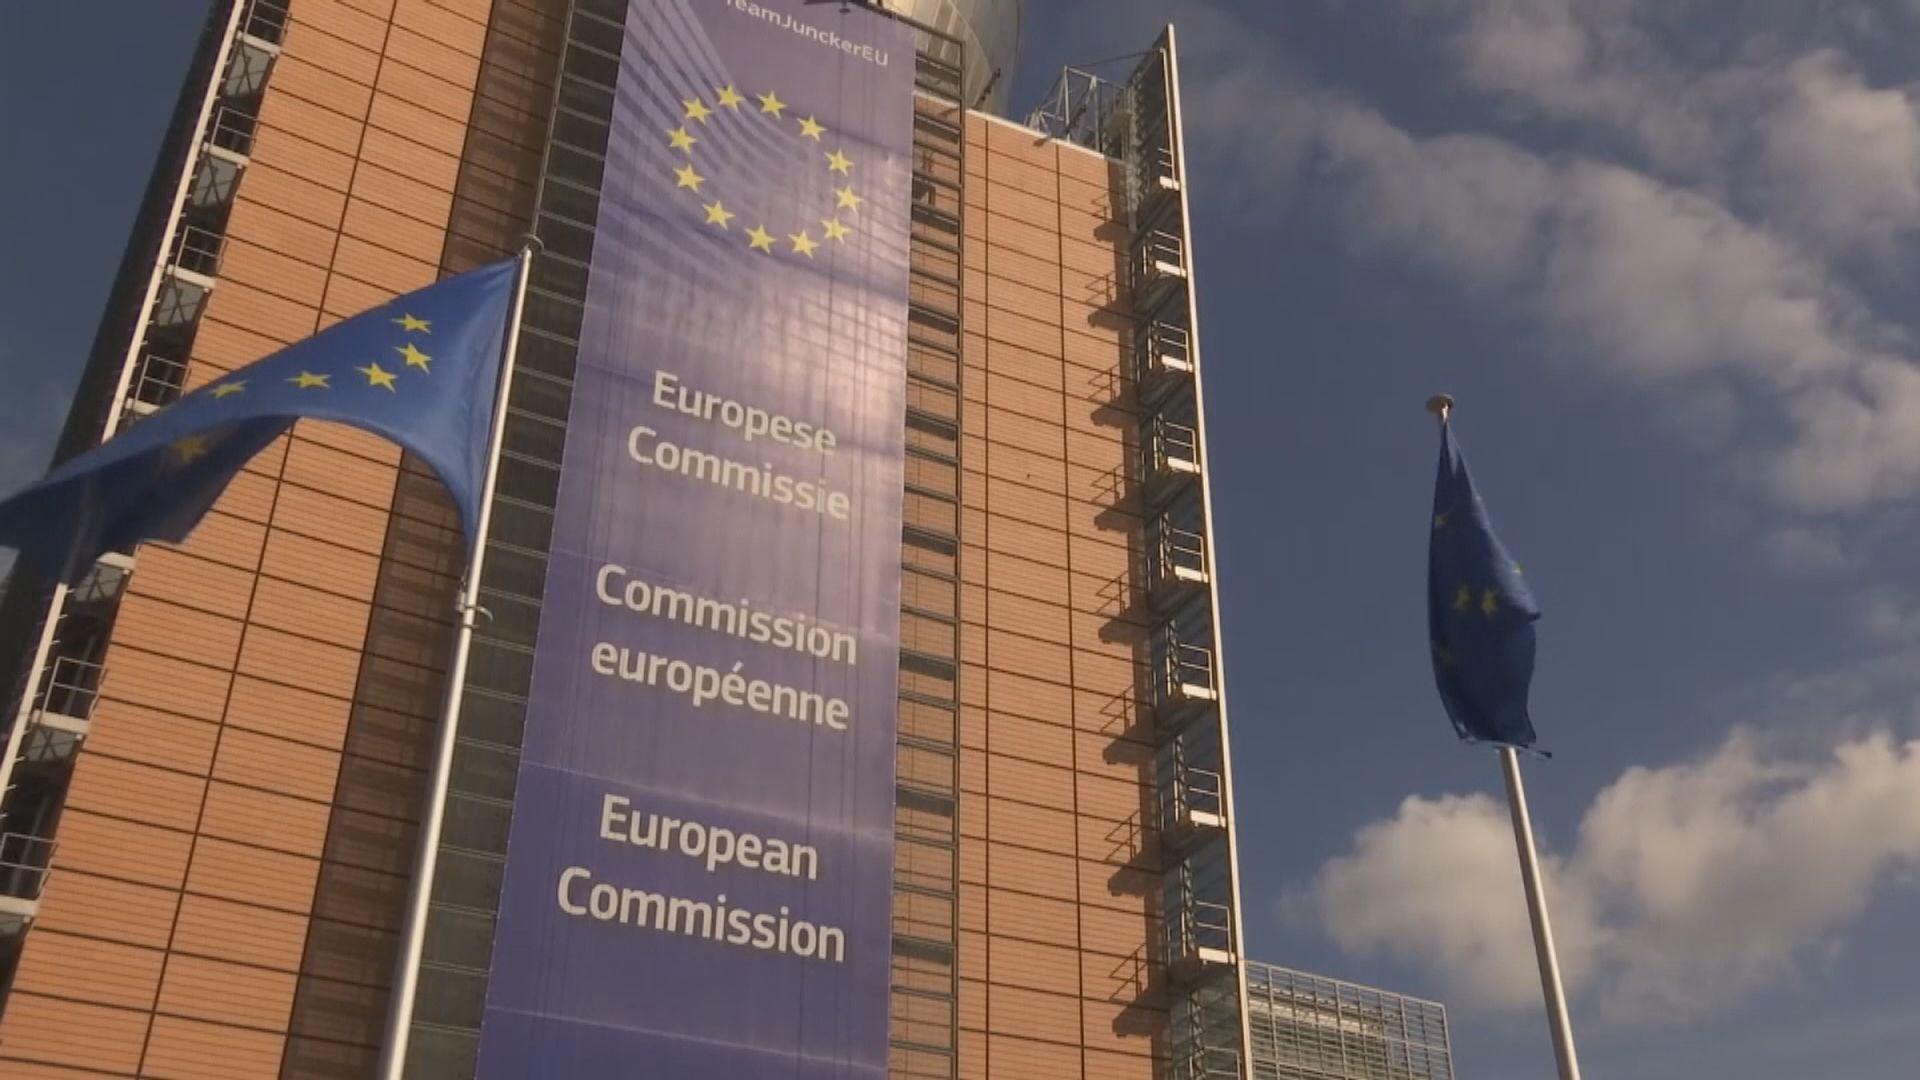 歐盟建議限制外國人進入神根公約國家